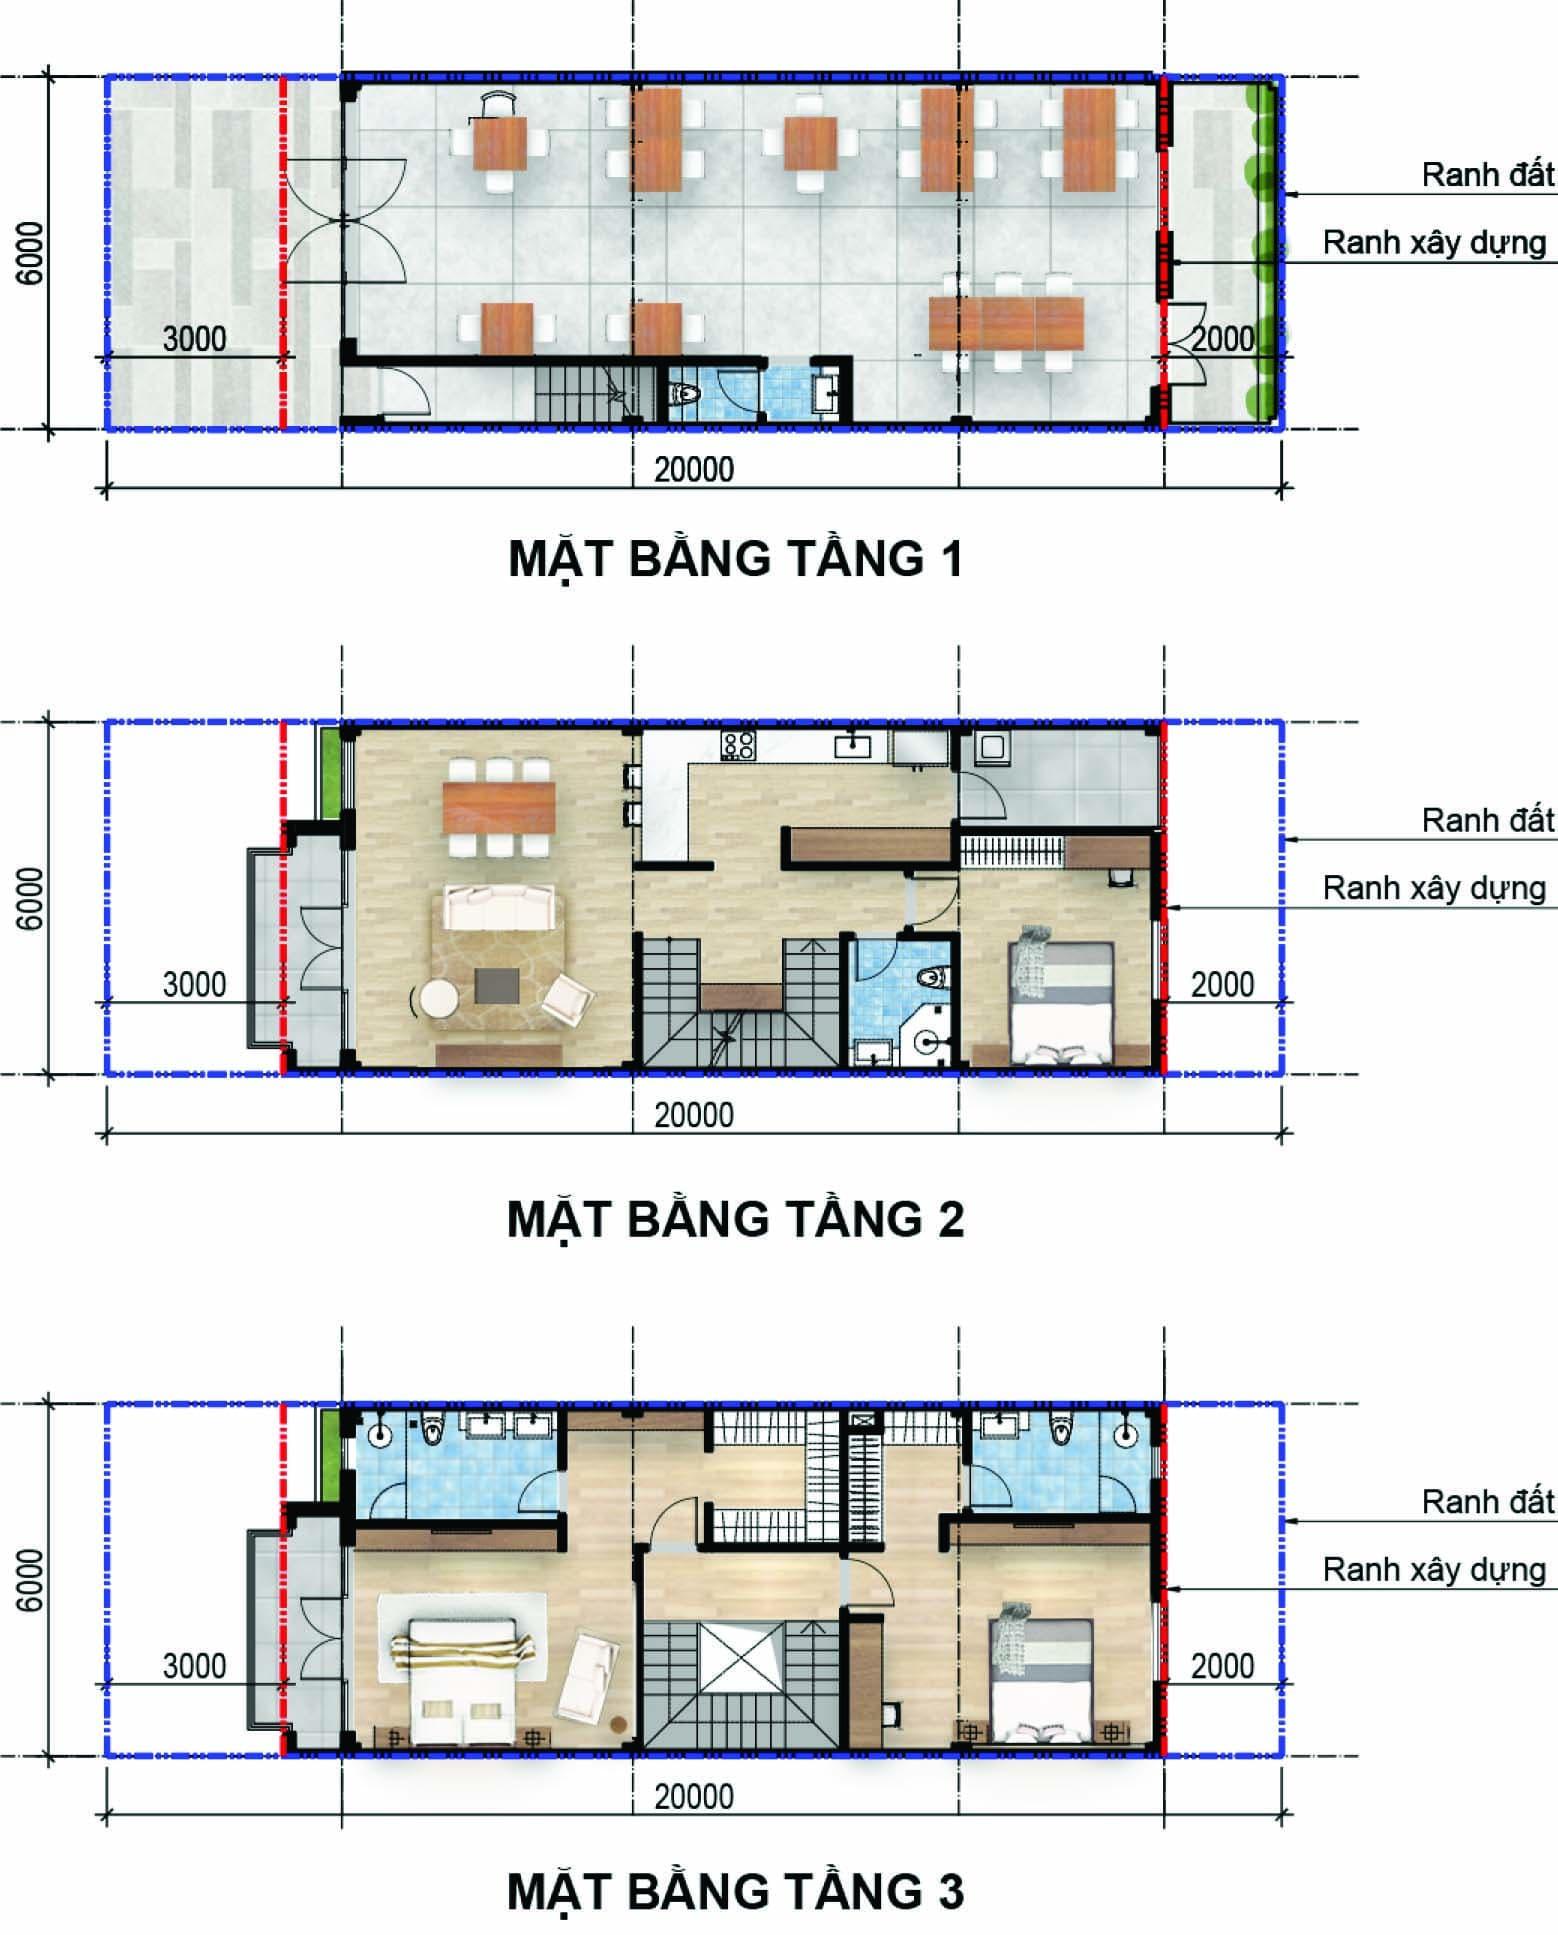 Thiết kế chi tiết mặt bằng tầng nhà phố thương mại 6x20 dự án Aqua city